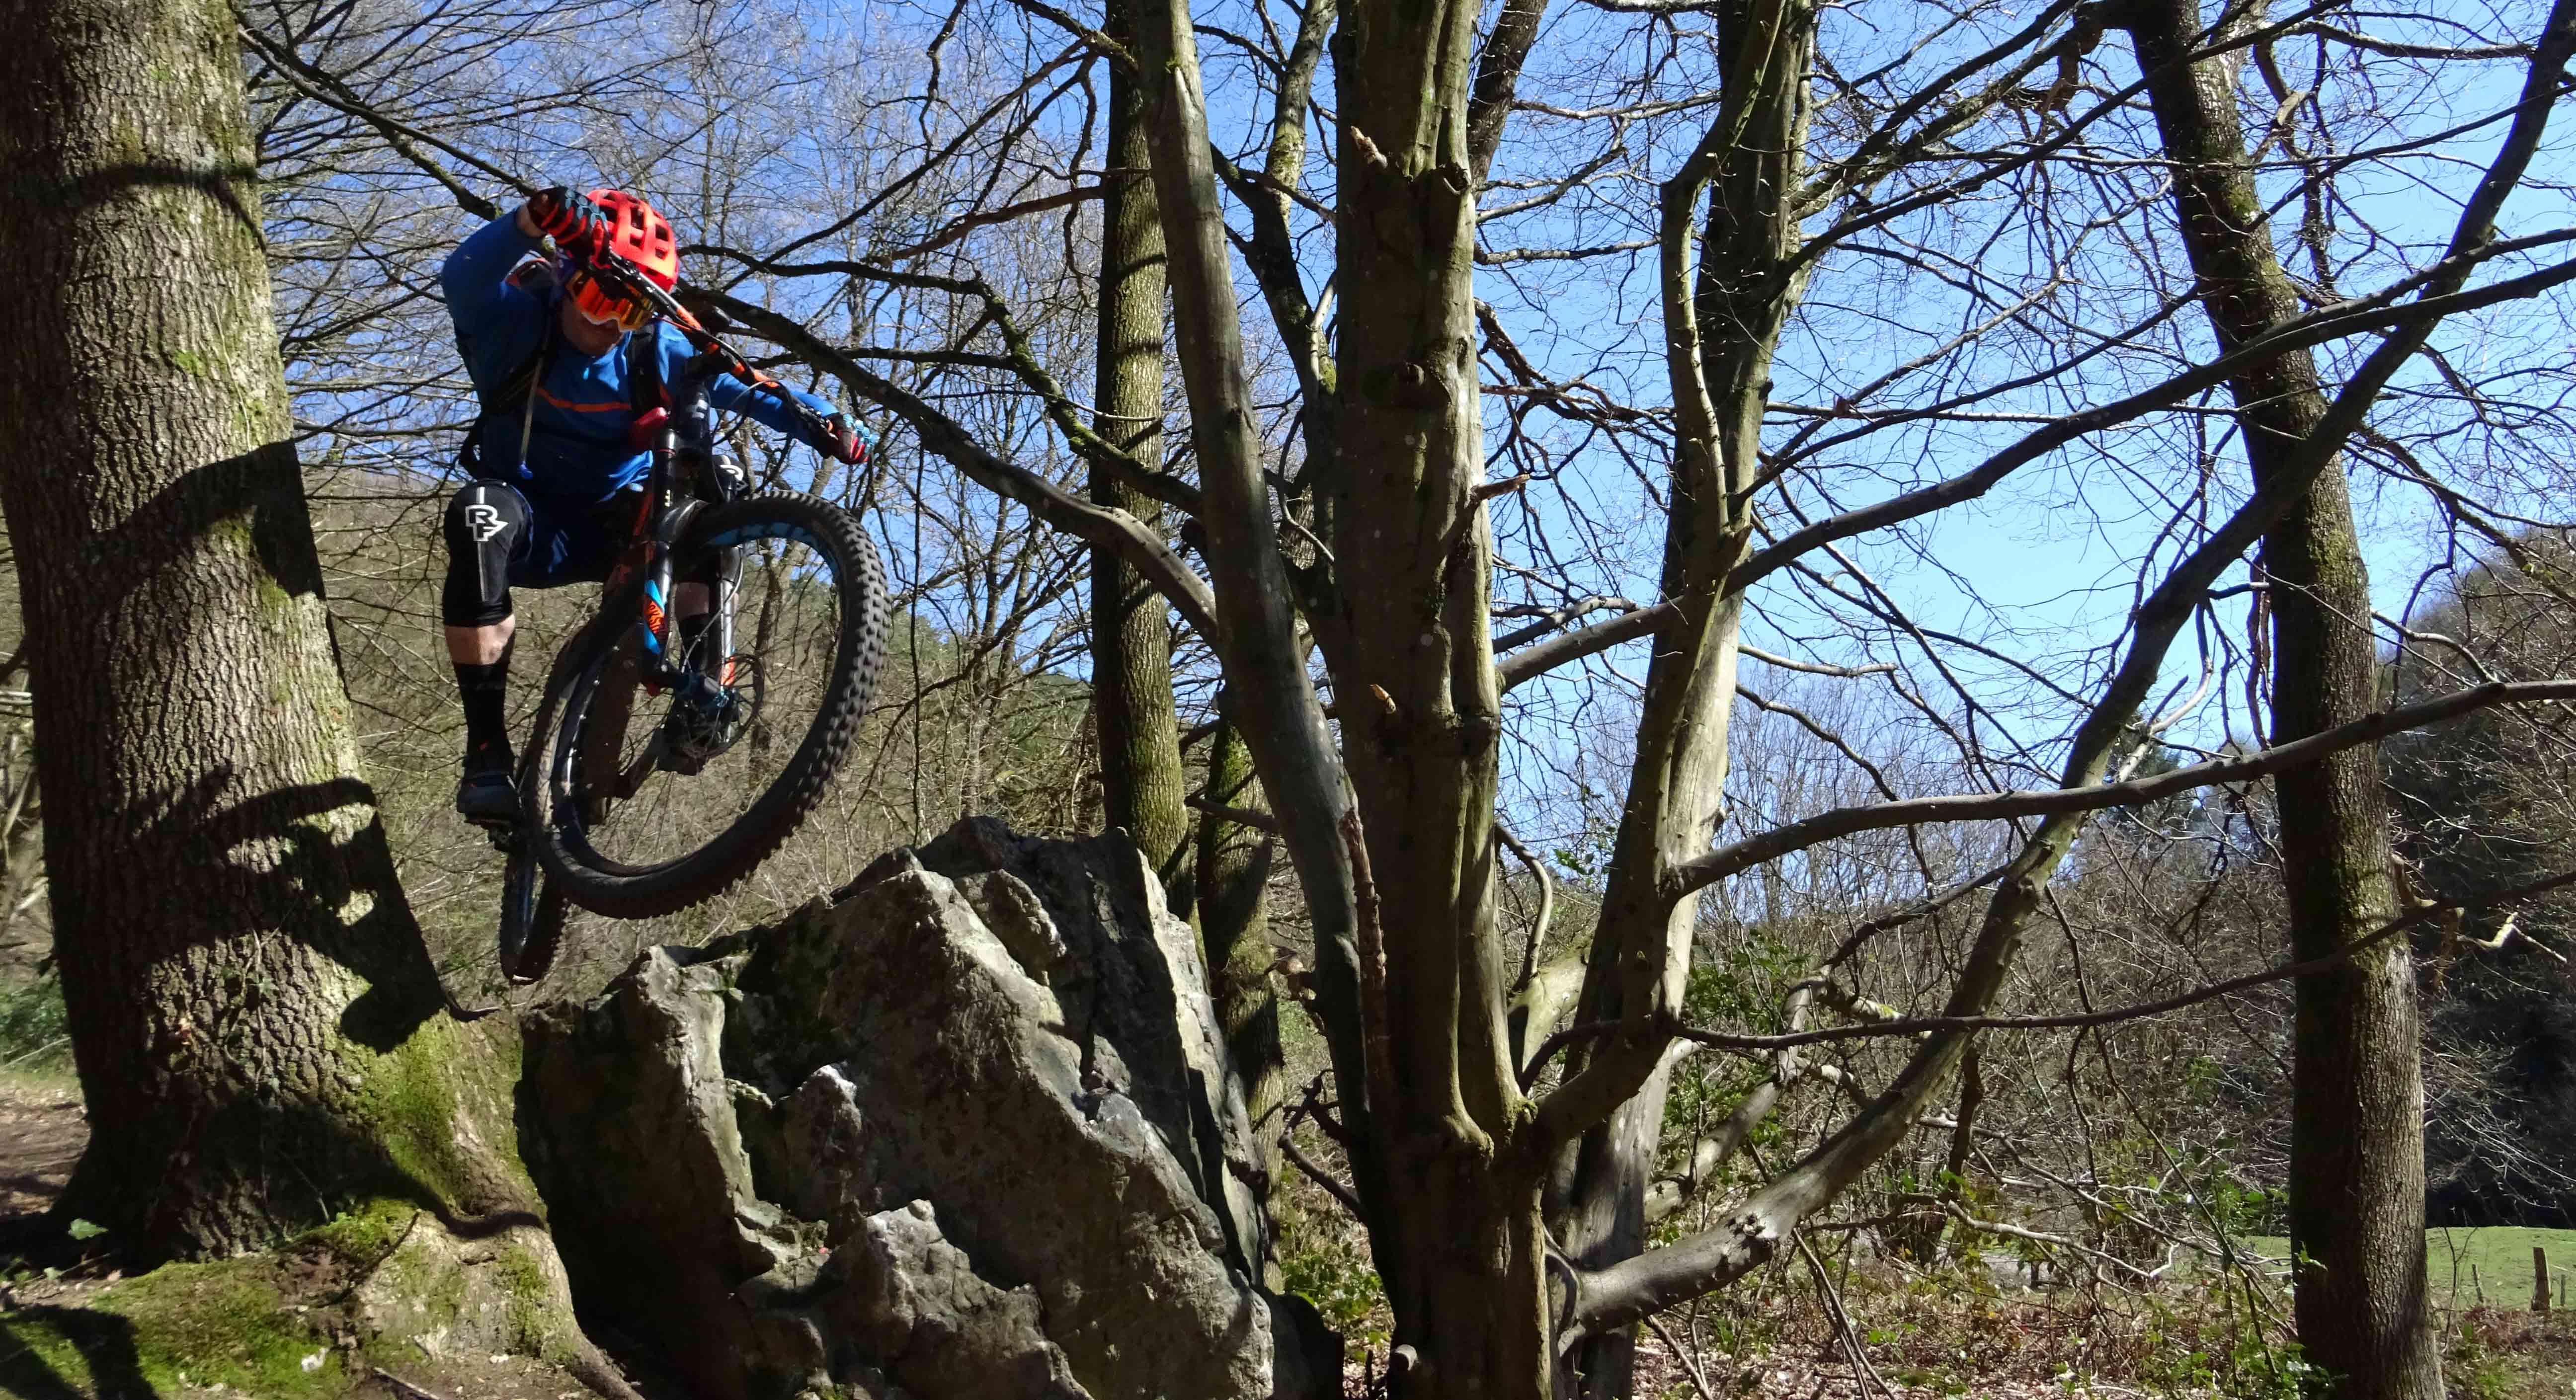 Dikke jump over een groot rotsblok in remouchamps